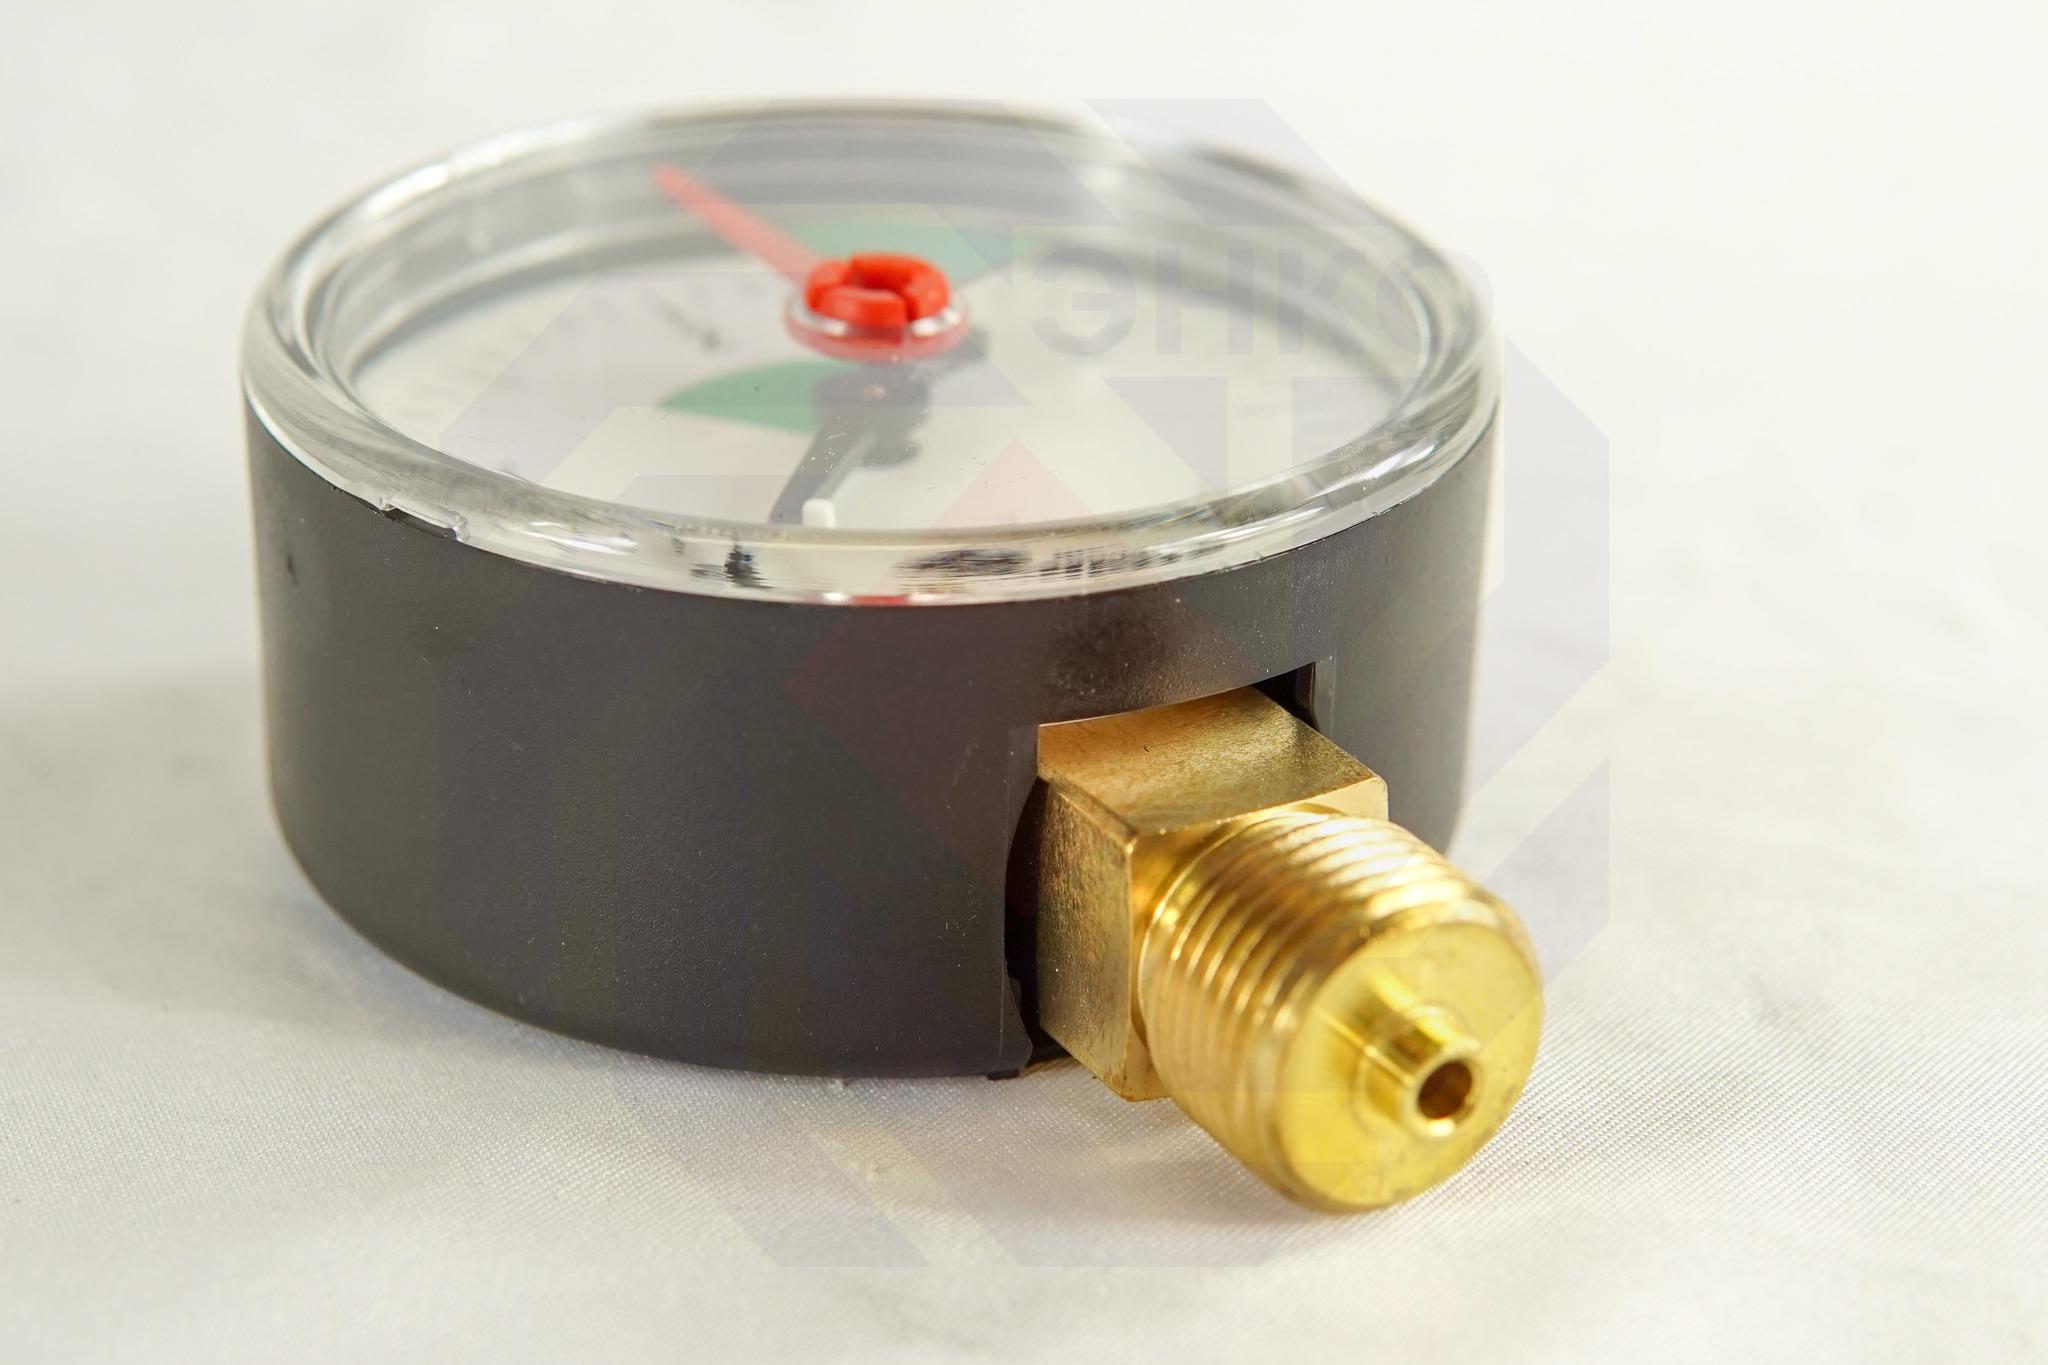 Манометр радиальный WATTS MHR 63/4 (F+R201) 0-4 бар 63 мм ⅜